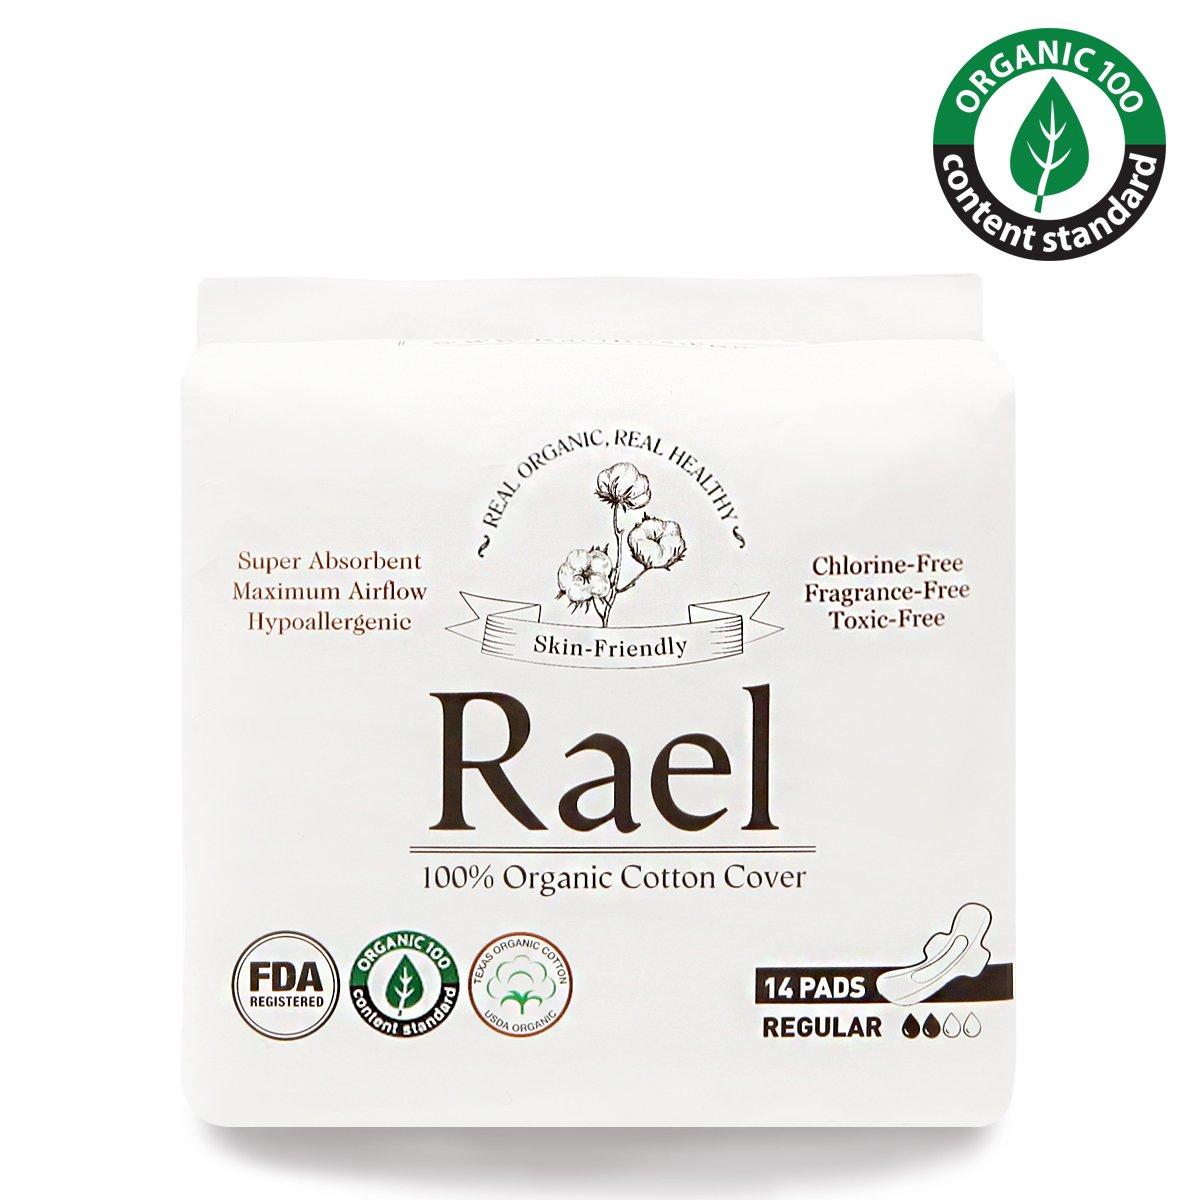 Serviettes hygié niques Rael en coton bio ultra-mince avec ailes RAEL-RG-04-V